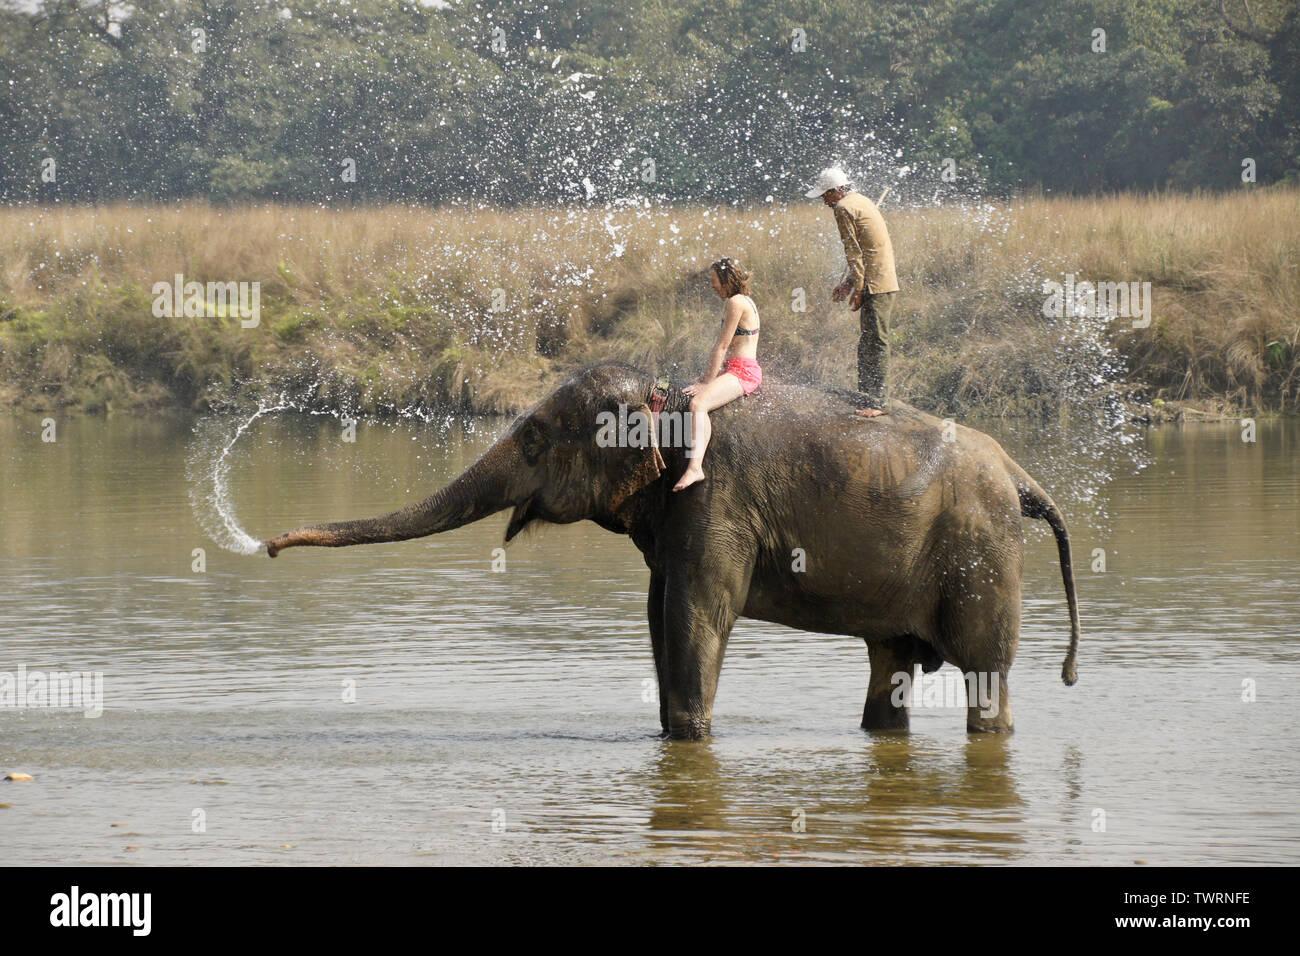 Naked girl riding elephant — img 9